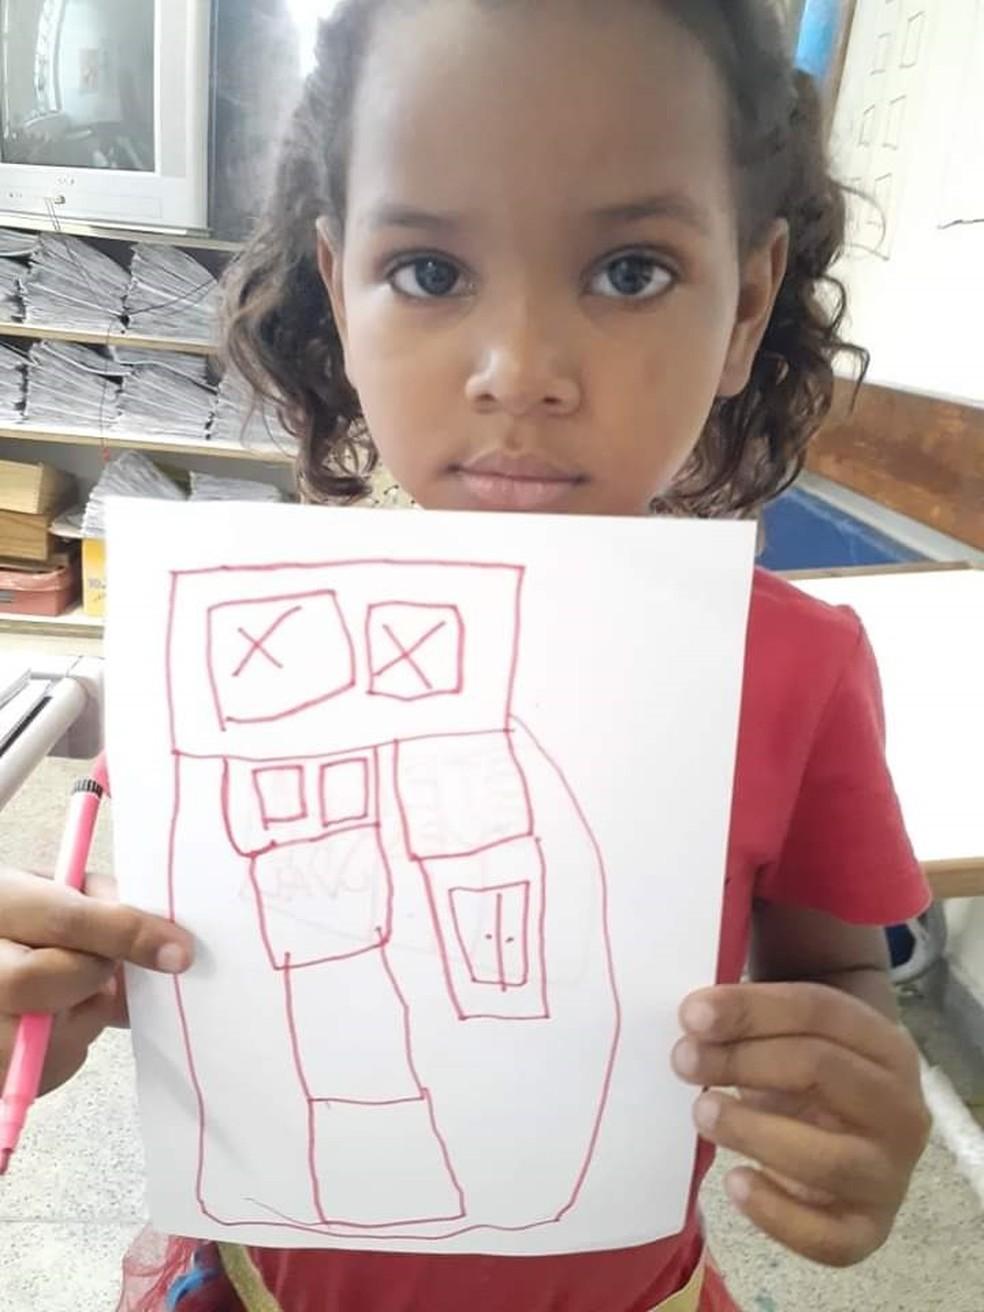 Menina Ketellen Umbelino de Oliveira Gomes, de 5 anos, foi morta após ser atingida por bala perdida em Realengo, na Zona Oeste do Rio — Foto: Arquivo pessoal